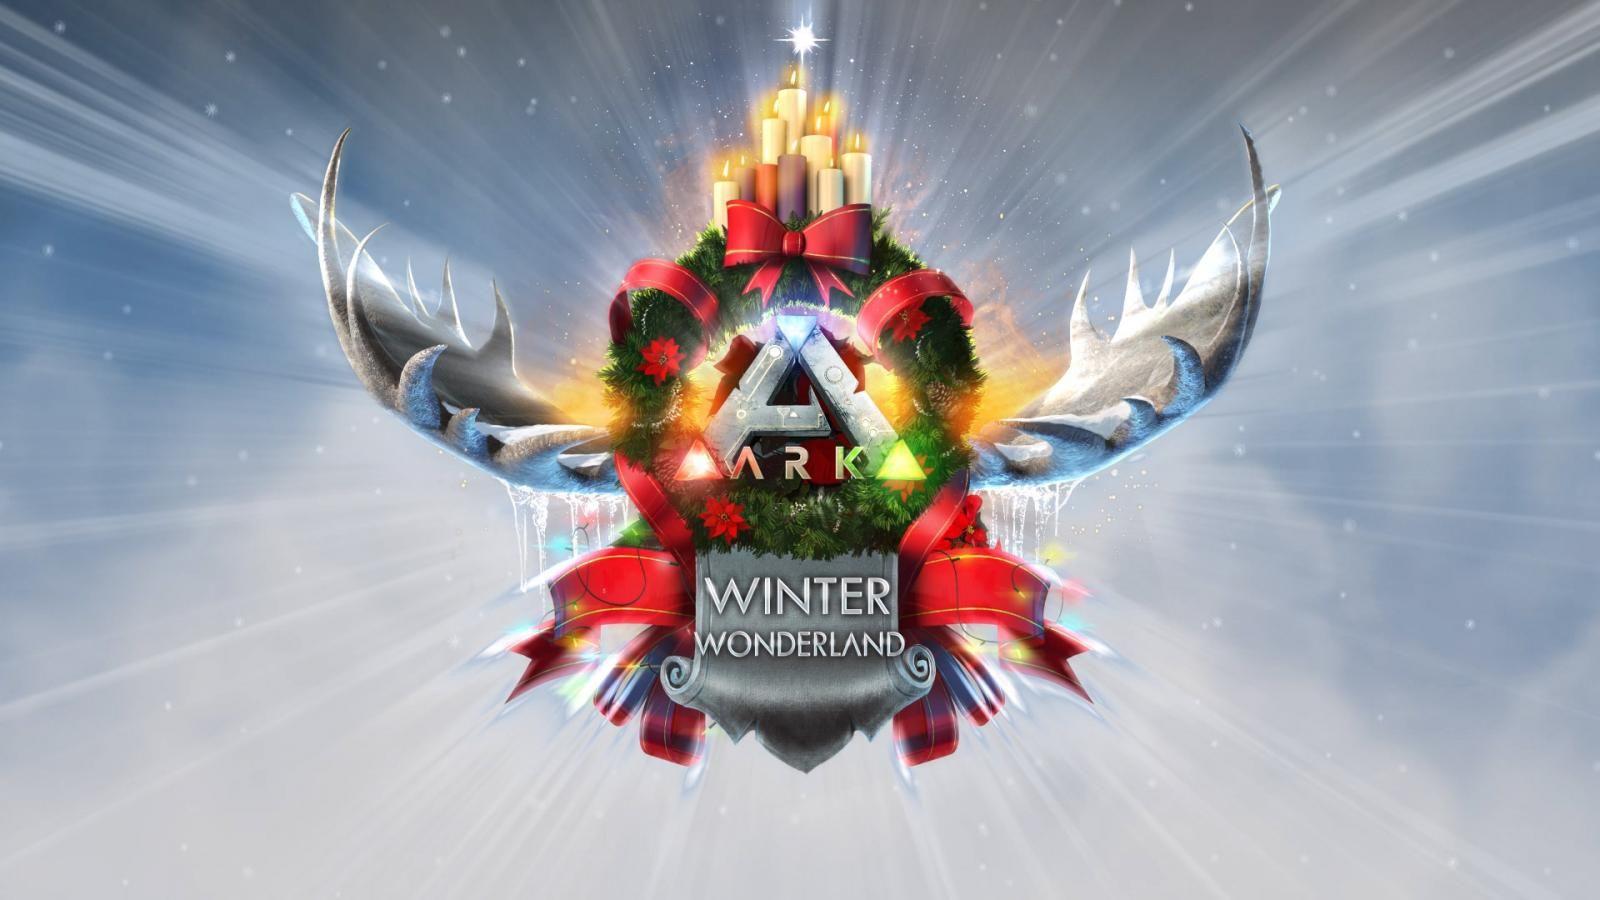 ARK winter wonderland 184